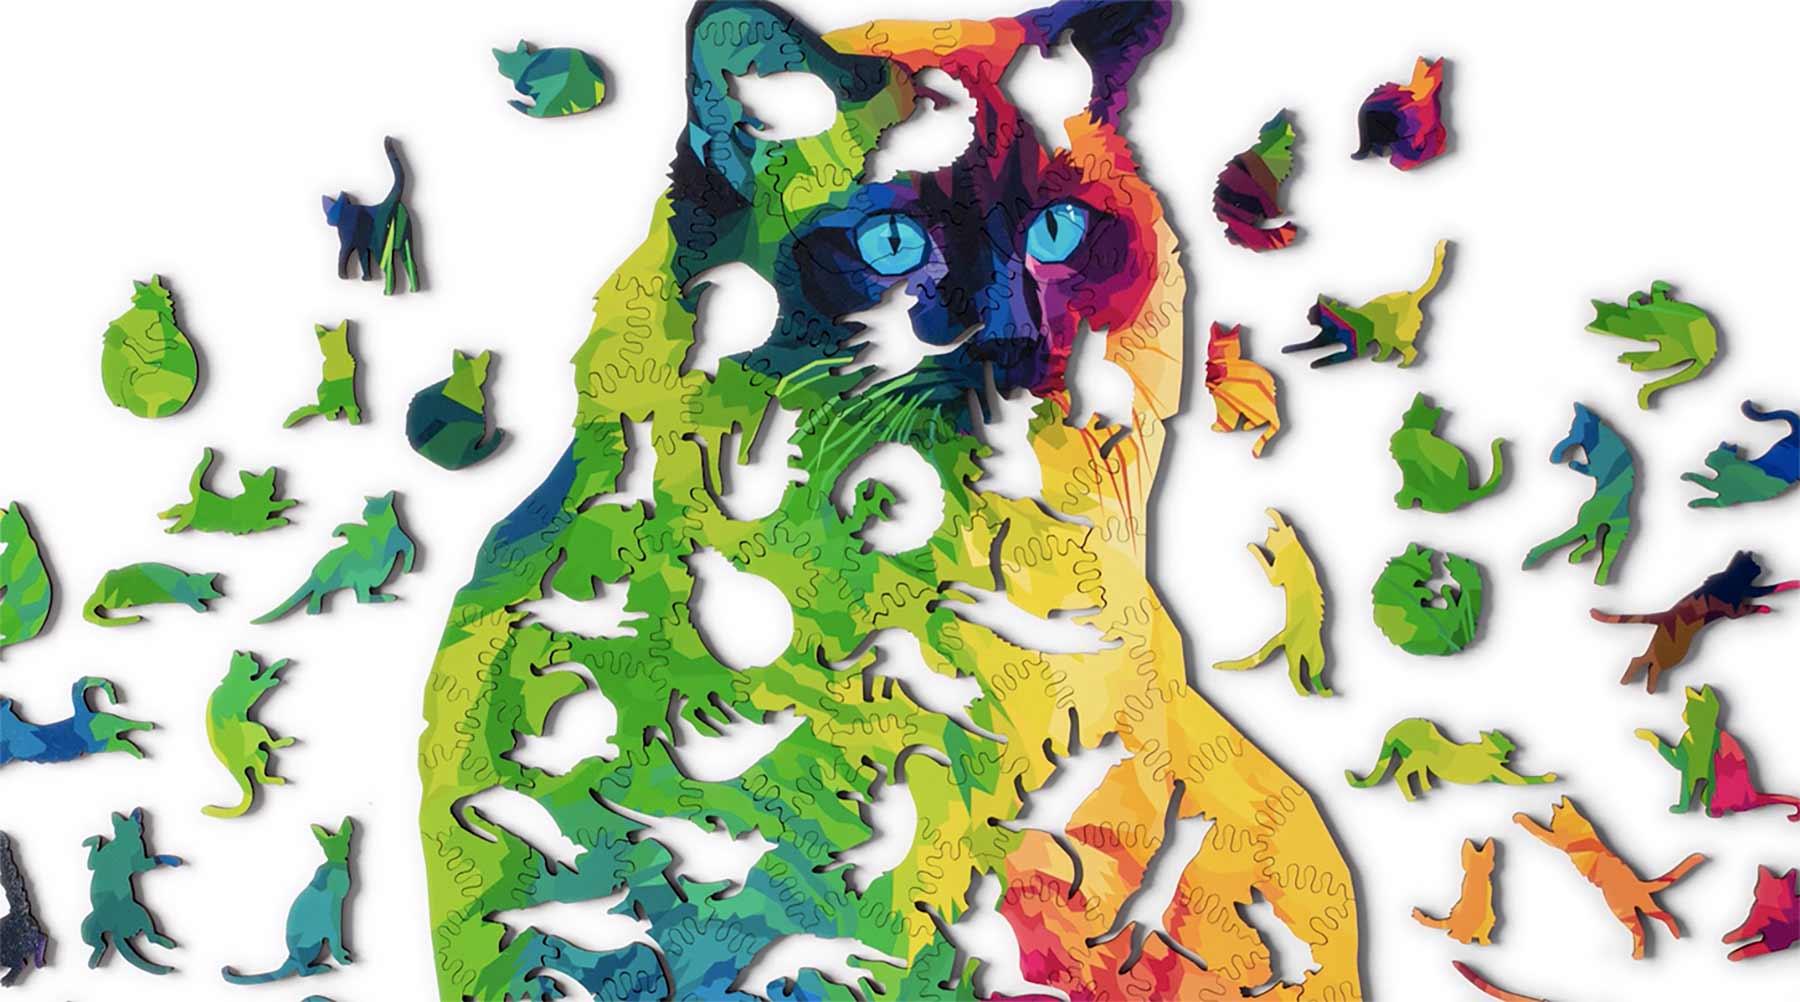 Puzzle aus vielen kleinen Katzenstücken ergibt eine große Katze